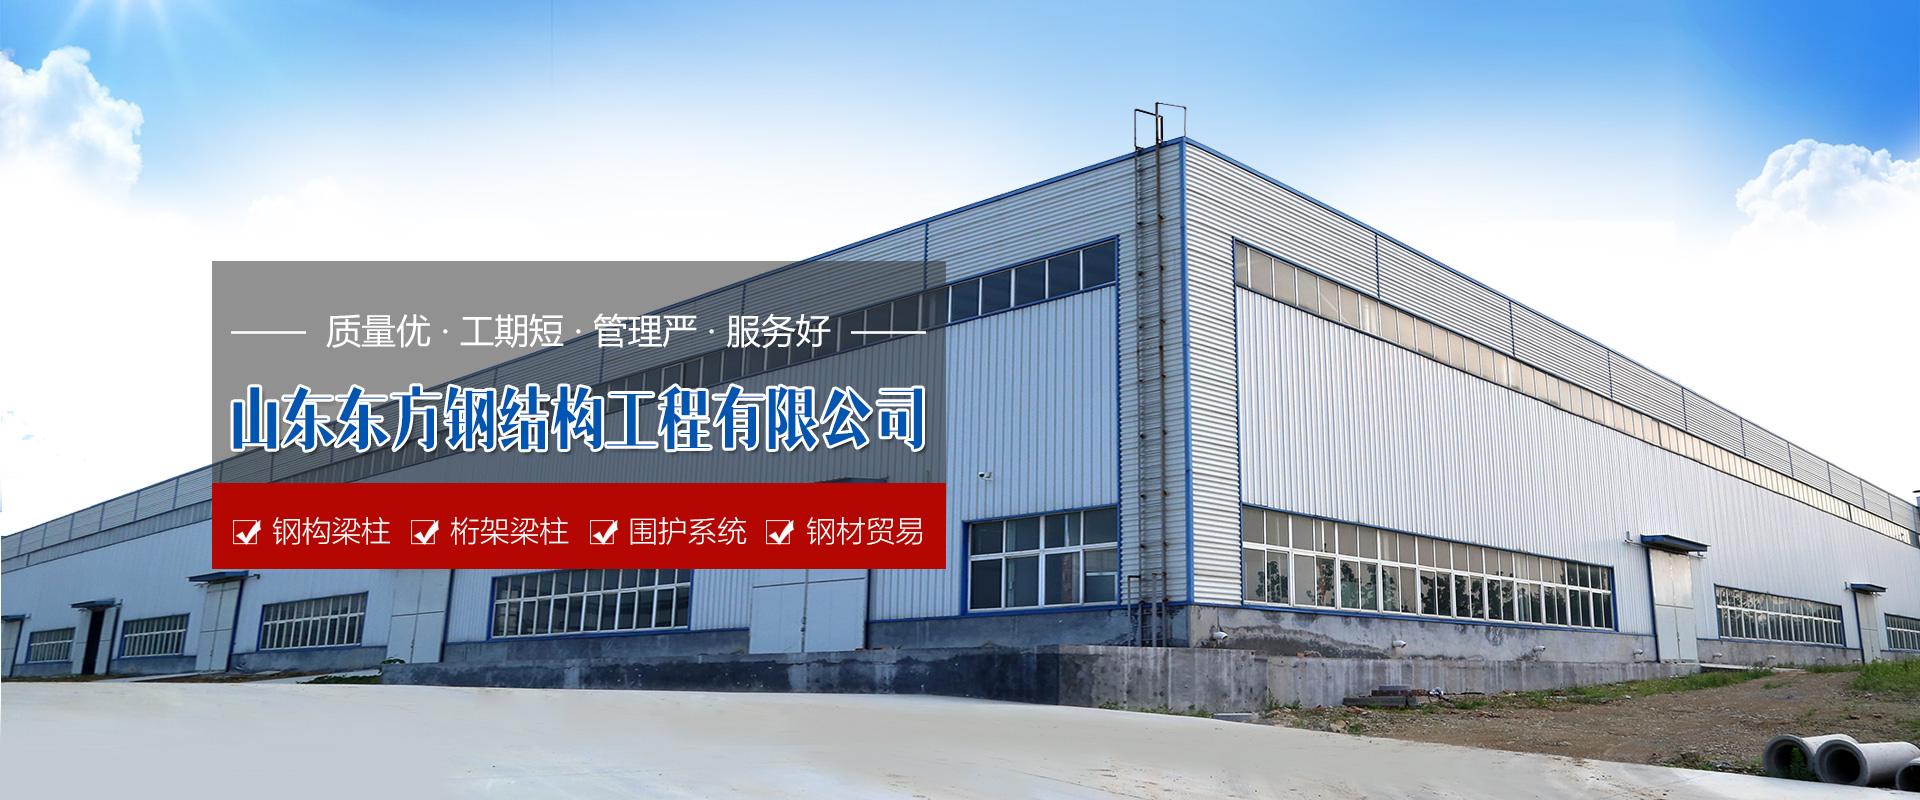 山東東方鋼結構工程有限公司